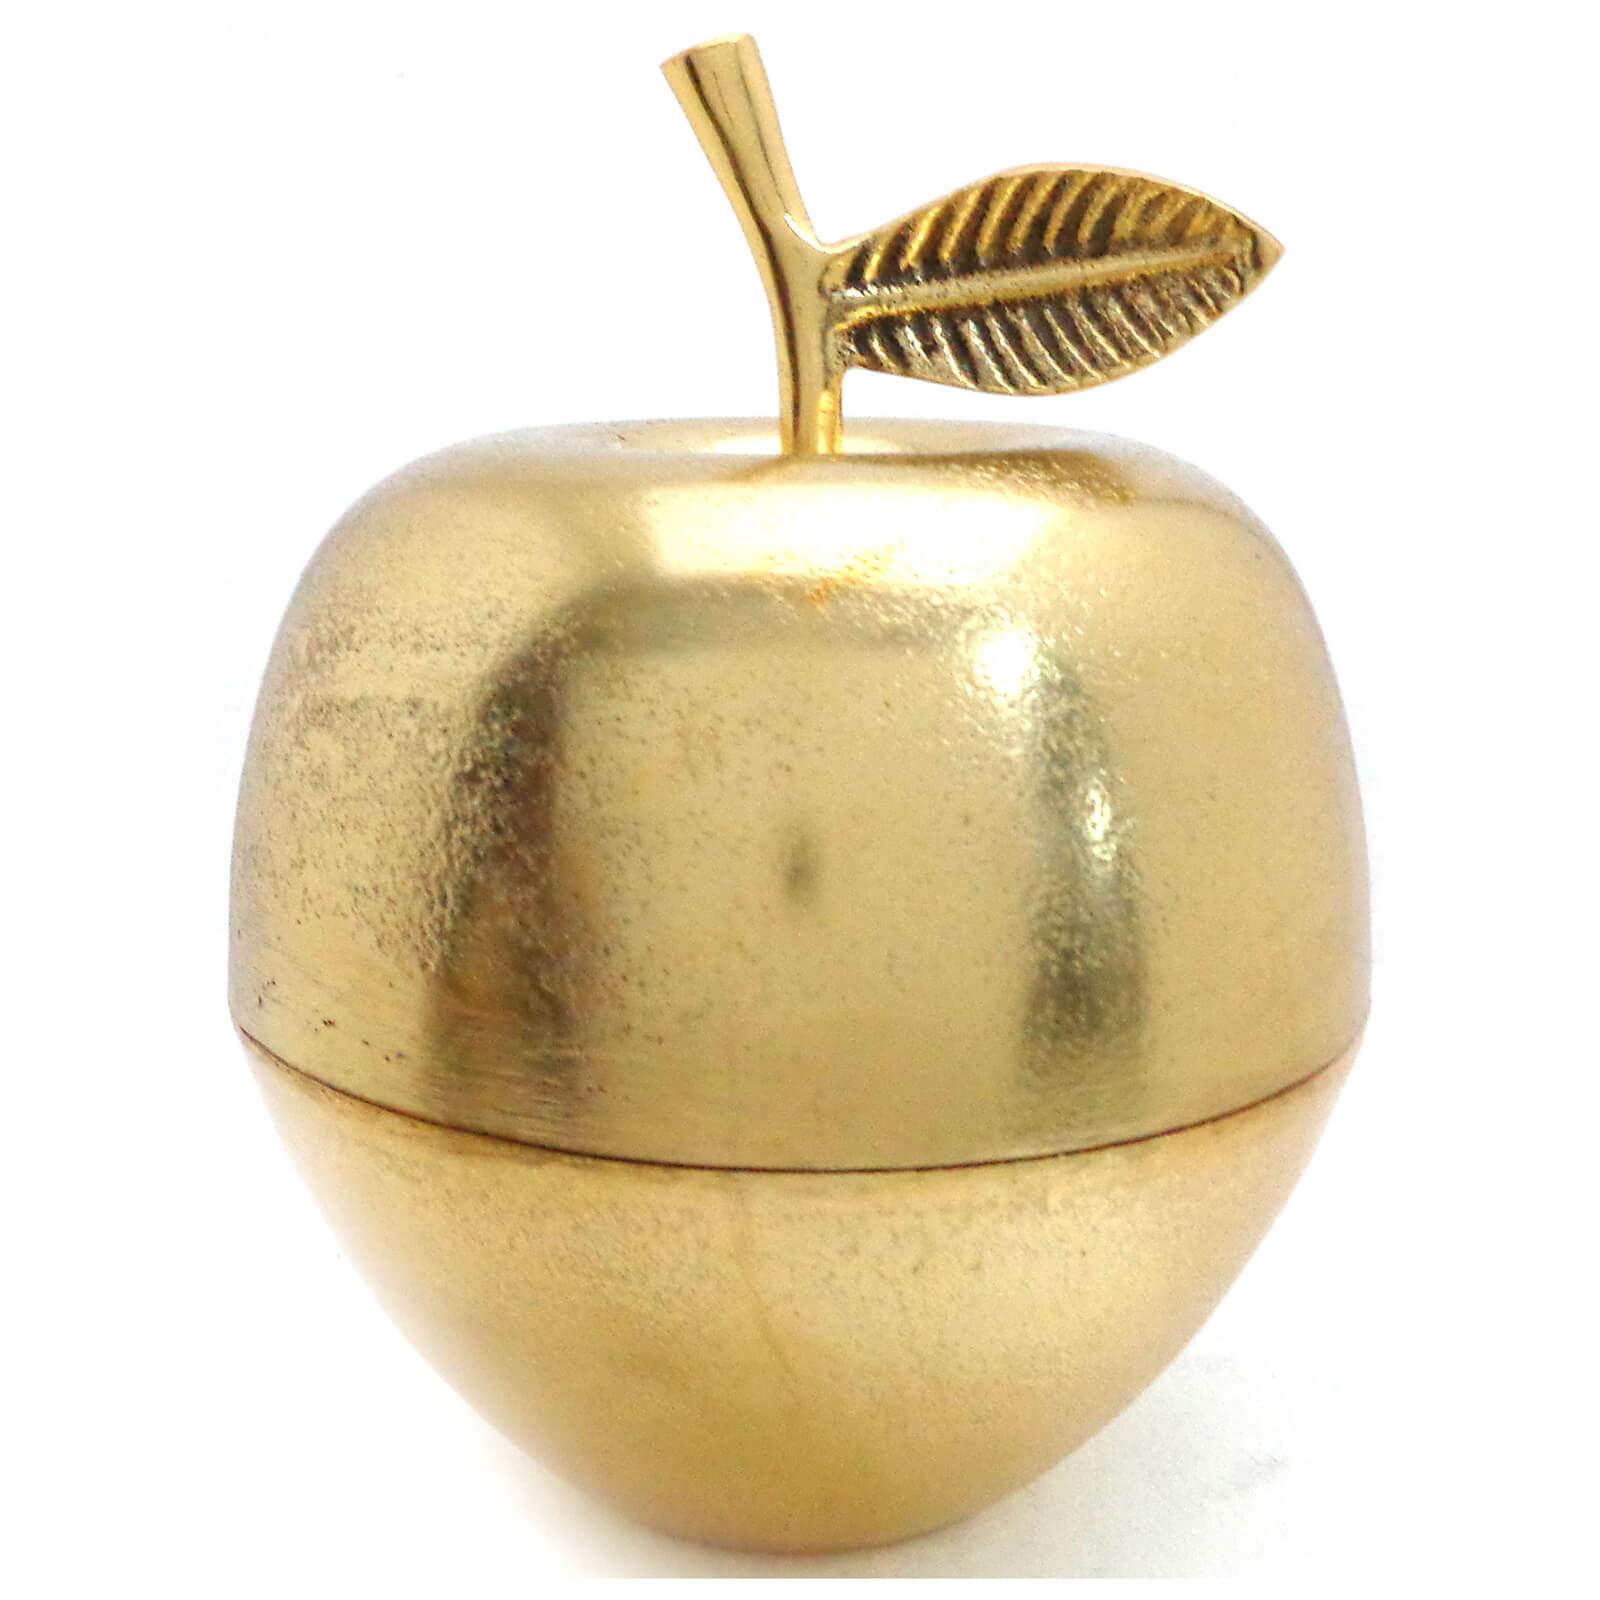 Apple Trinket Pot - Shiny Brass